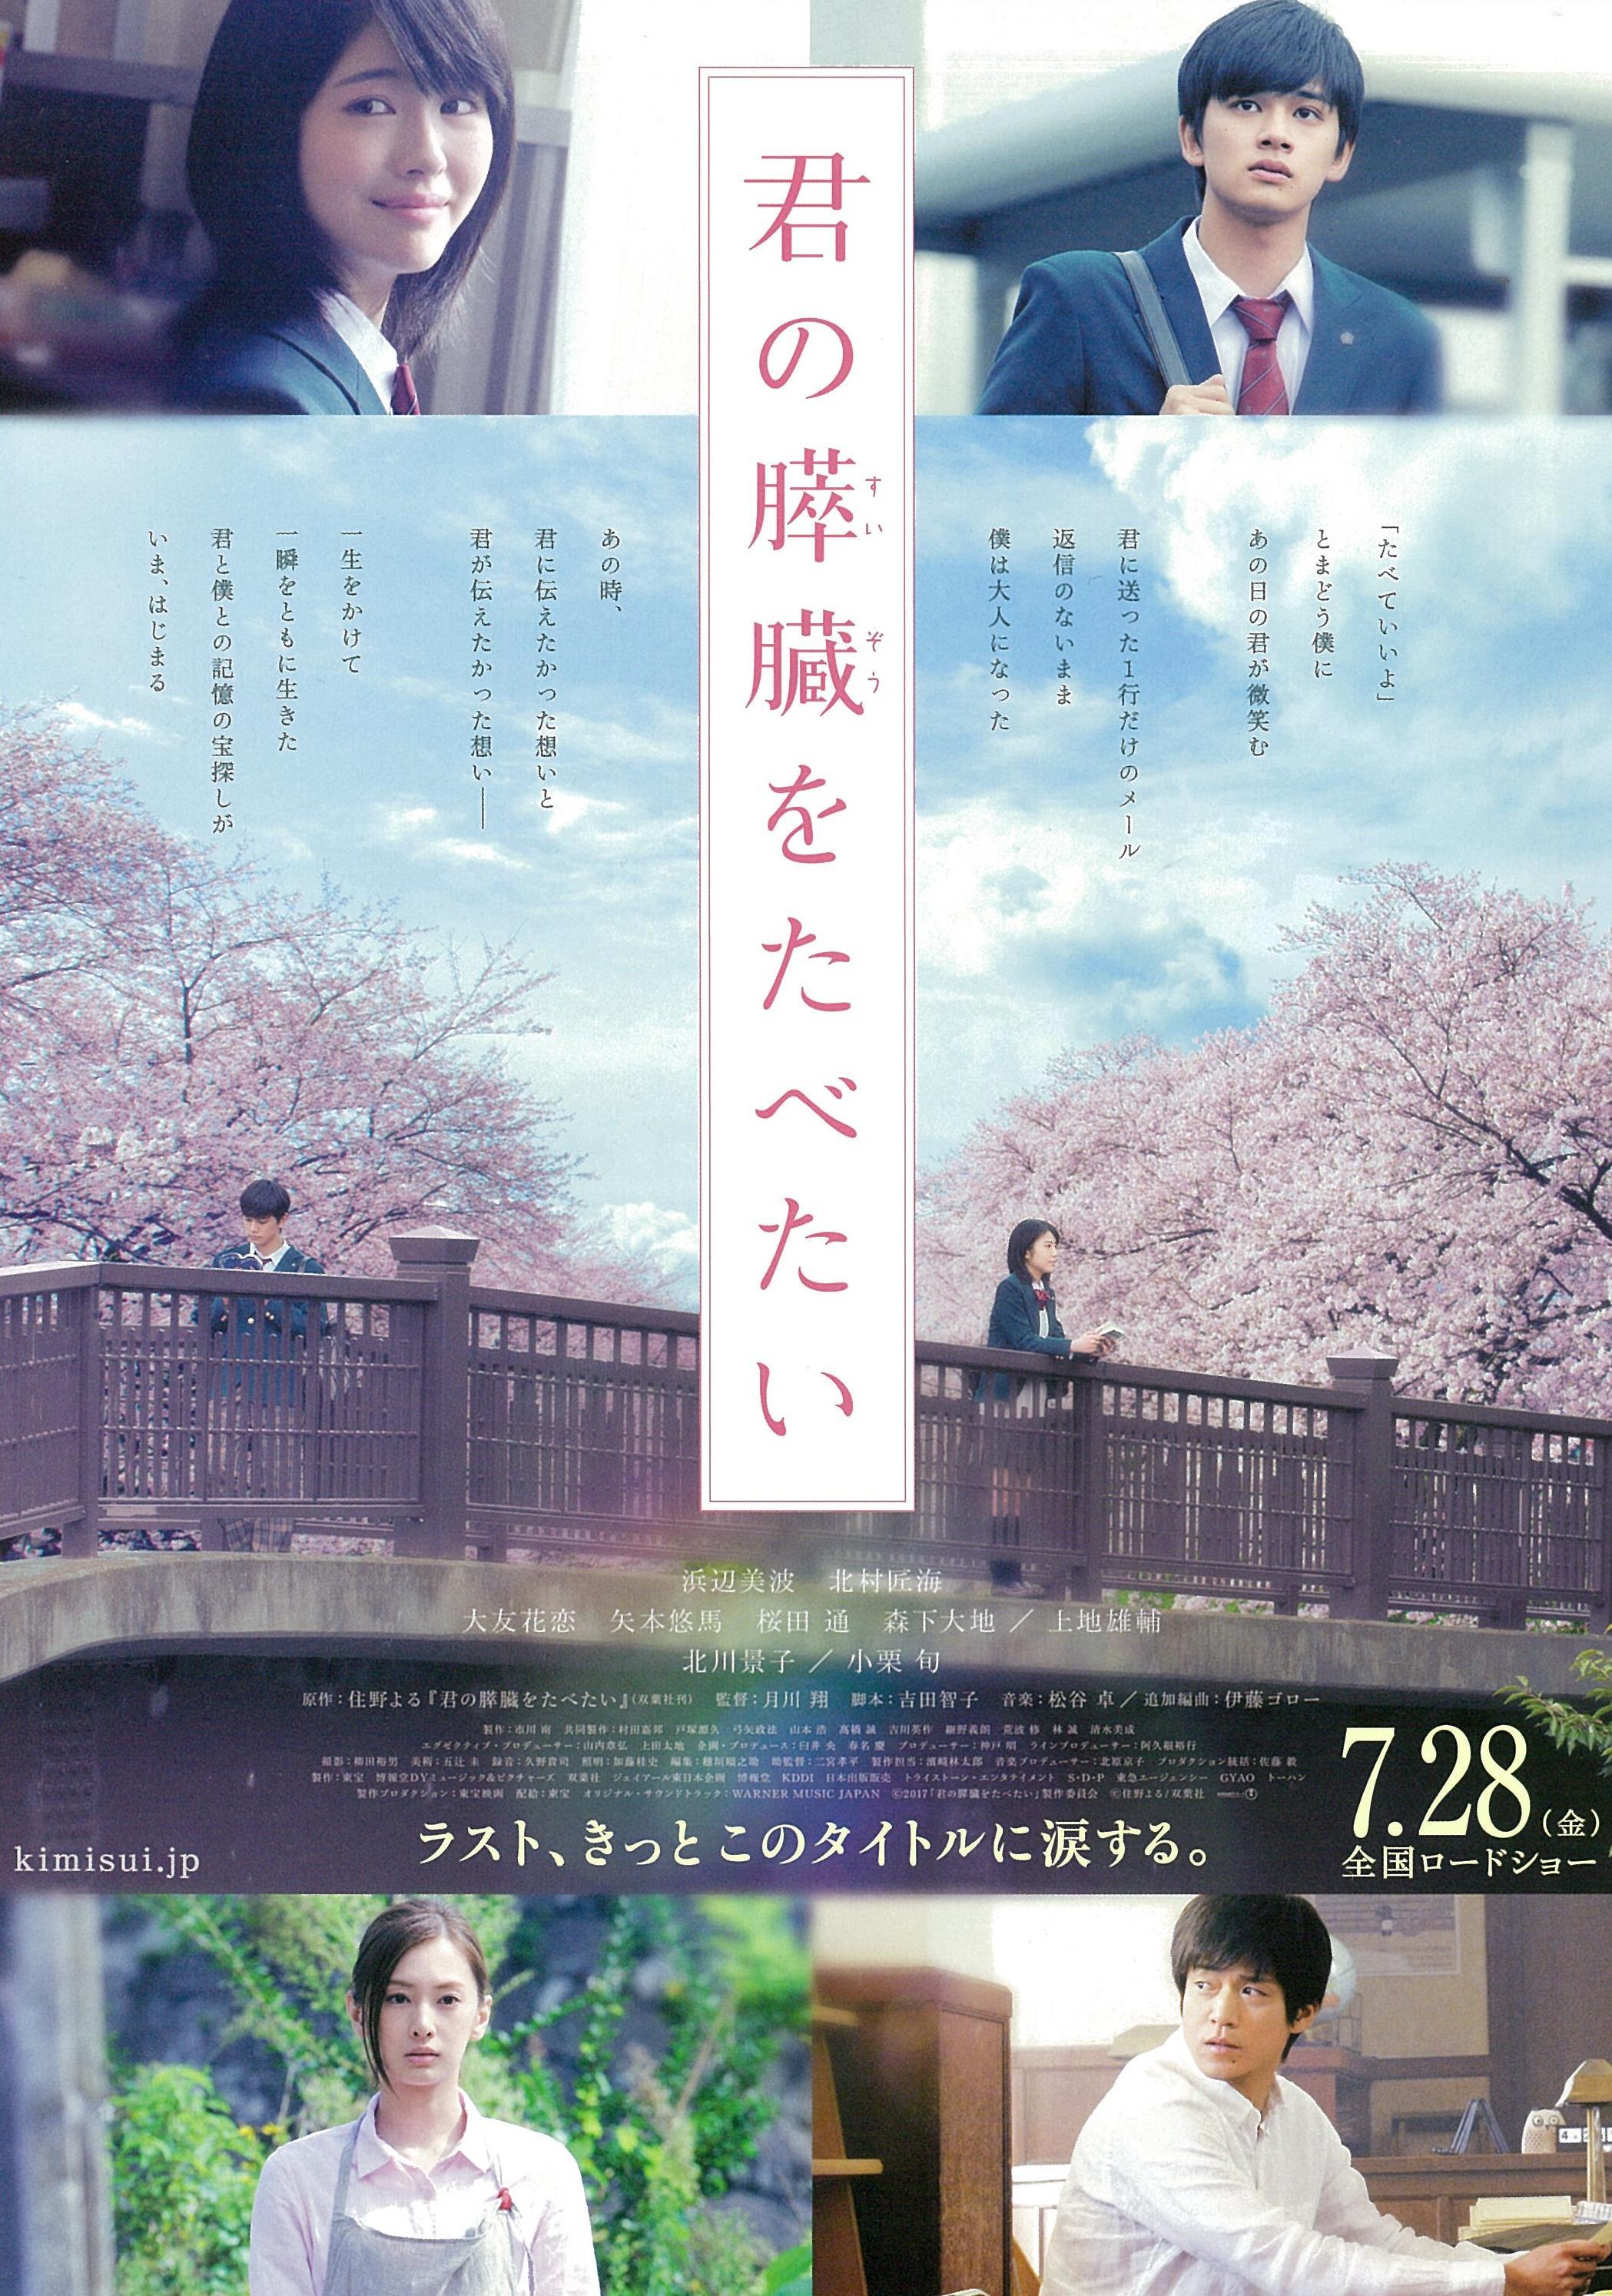 Kimi no suizô o tabetai (2017) - IMDb